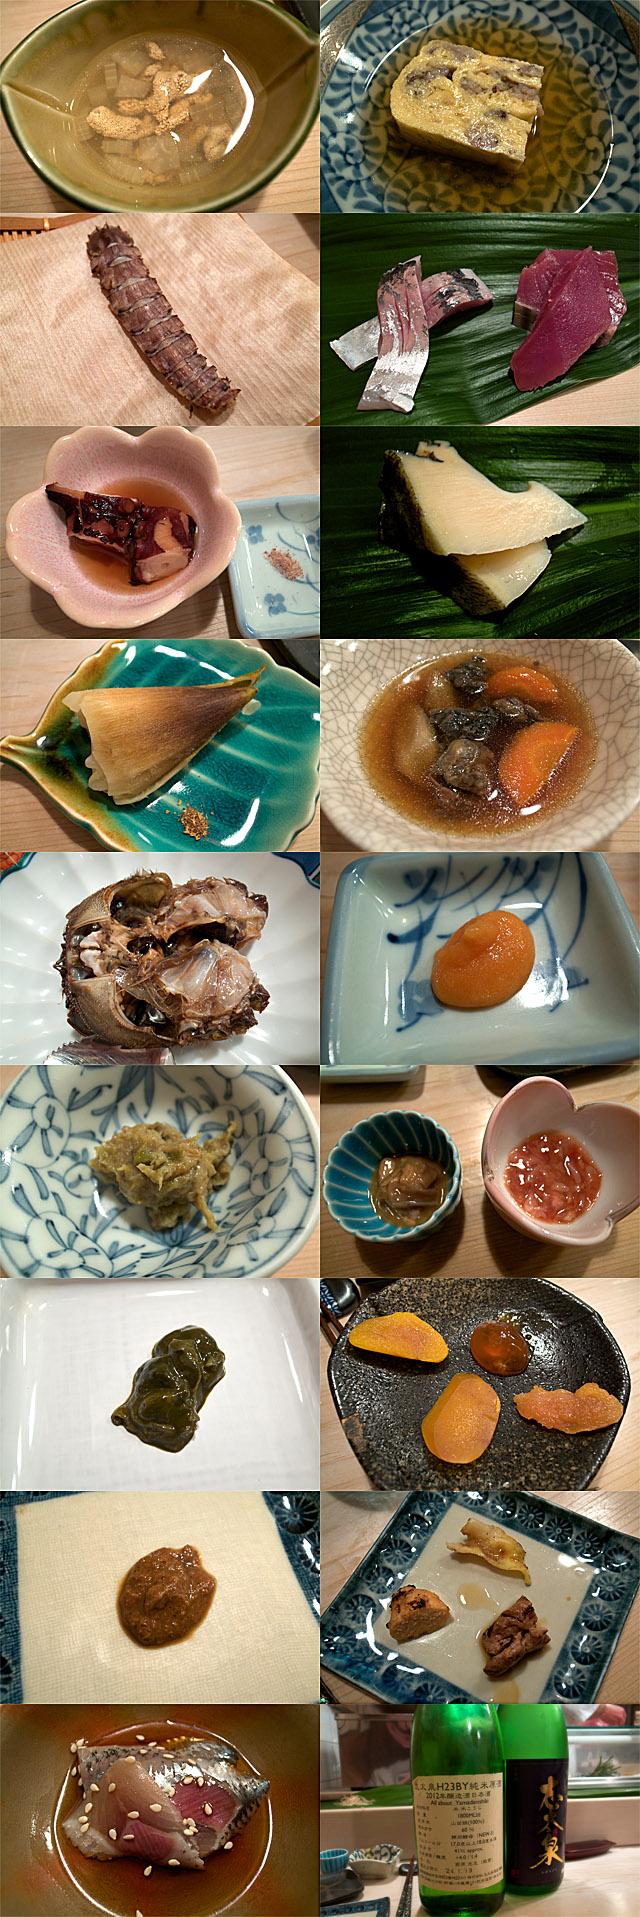 120518_001_寿司いずみ